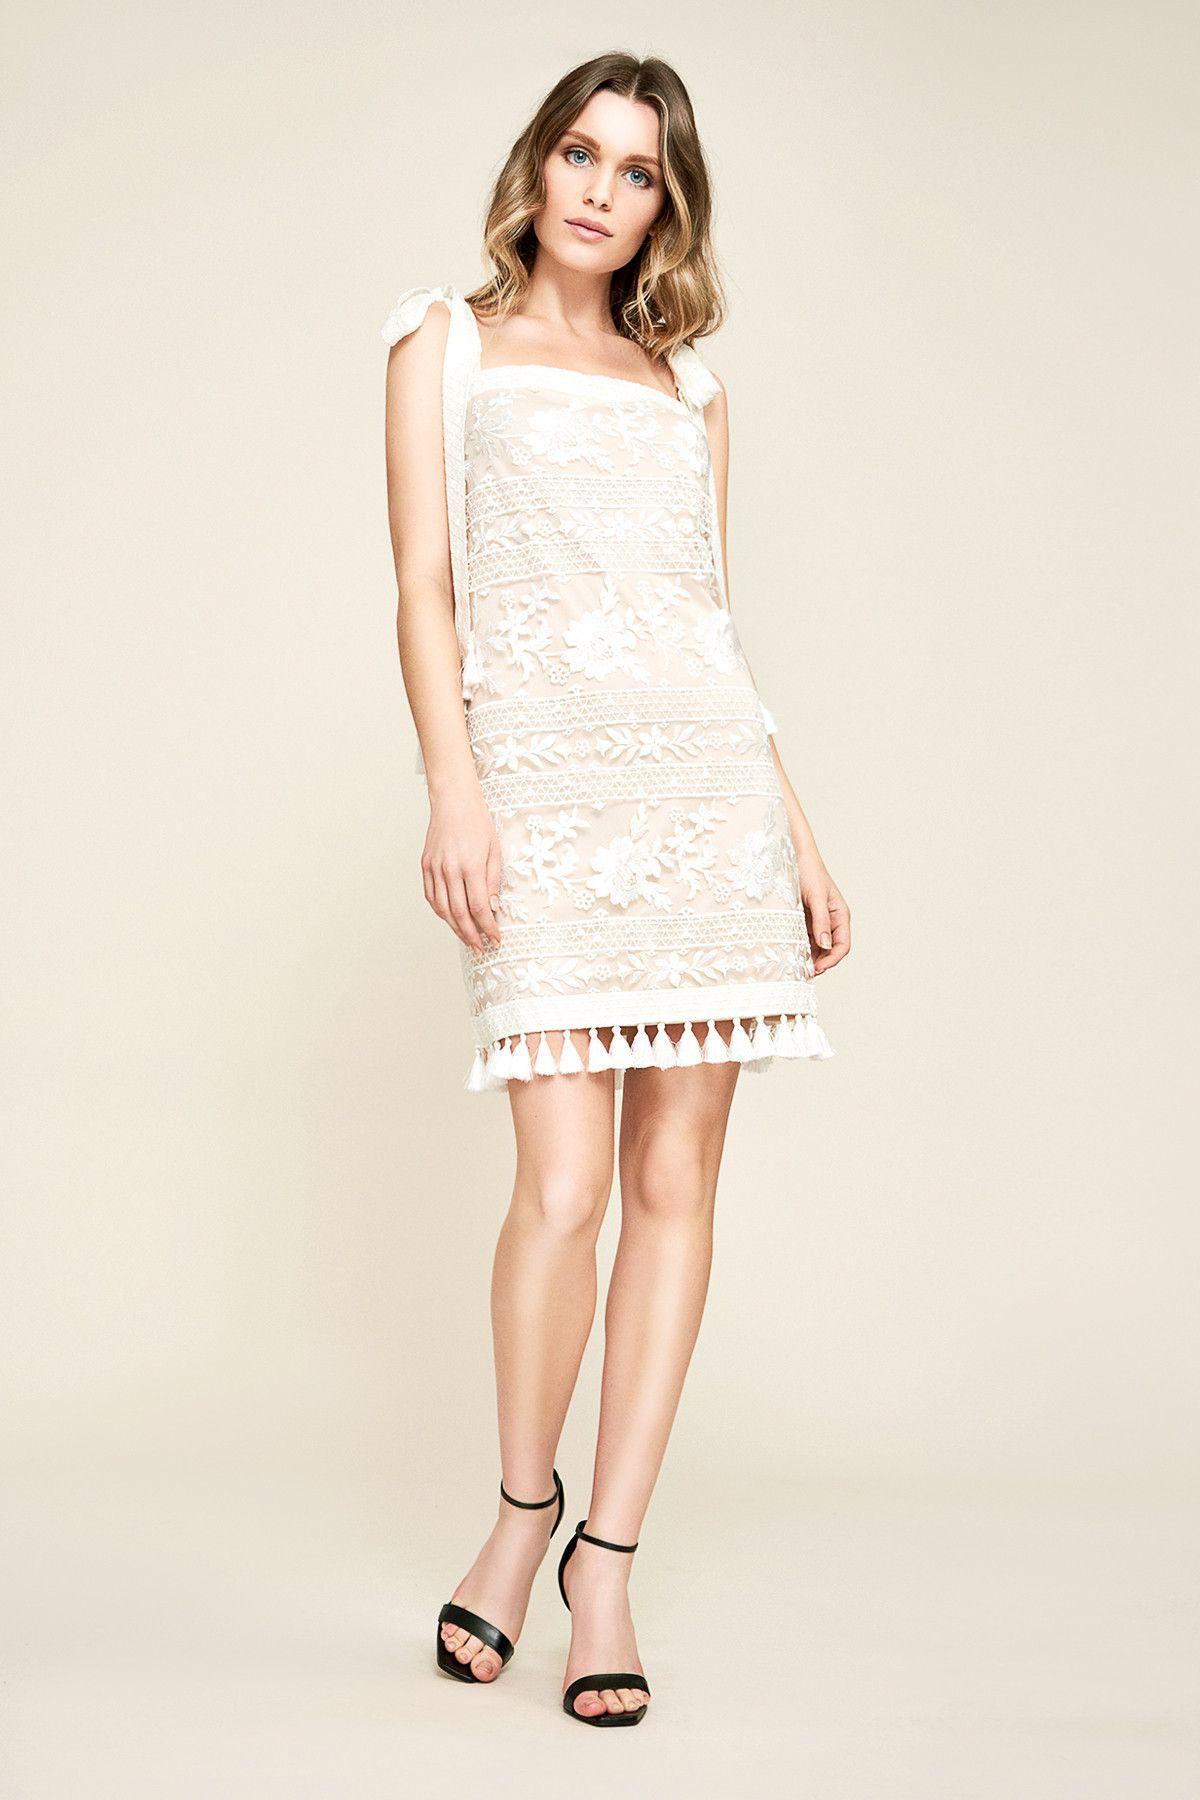 Oakley Embroidered Tassel Mini Dress Tadashi Shoji Dresses Mini Dress Reception Dress [ 1800 x 1200 Pixel ]